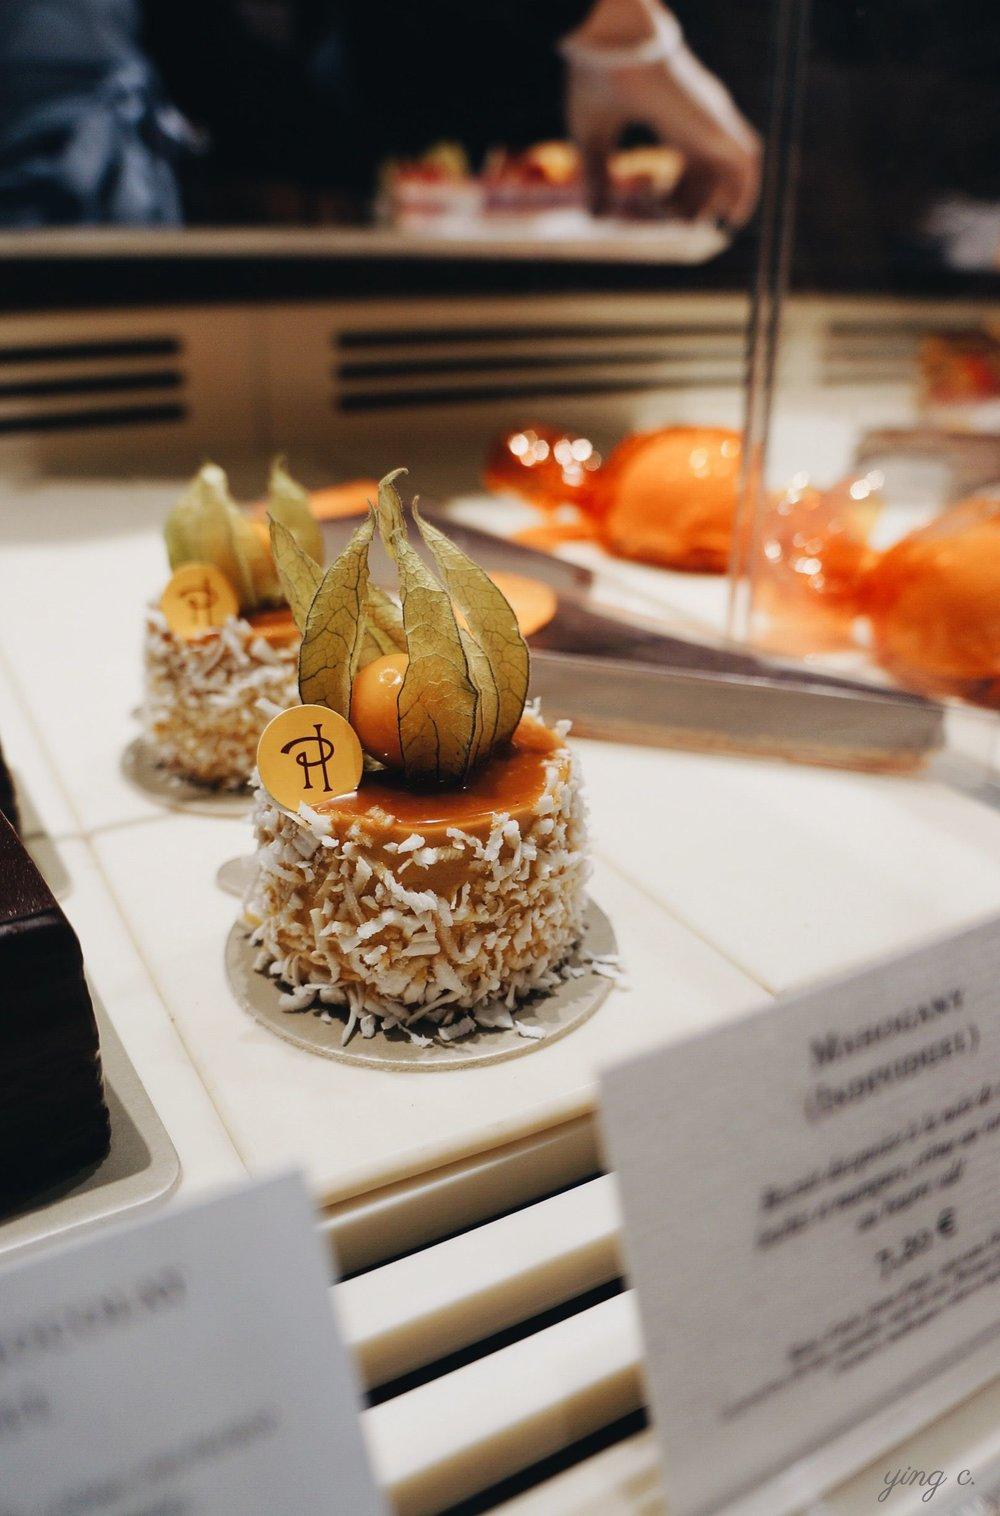 圖5. 巴黎 Pierre Hermé 的 Mahogany 蛋糕,是少數蛋糕體佔比較高的法式蛋糕,由椰子達克瓦茲蛋糕中間夾芒果果醬、荔枝果肉,再以焦糖淋面而成。達克瓦茲蛋糕較為酥鬆,與軟綿芒果果醬和稍微有些嚼感的荔枝果肉形成完美的搭配。外面的焦糖淋面則增添了濕潤度,平衡了整體偏向乾爽的口感。點這裡看蛋糕切面。